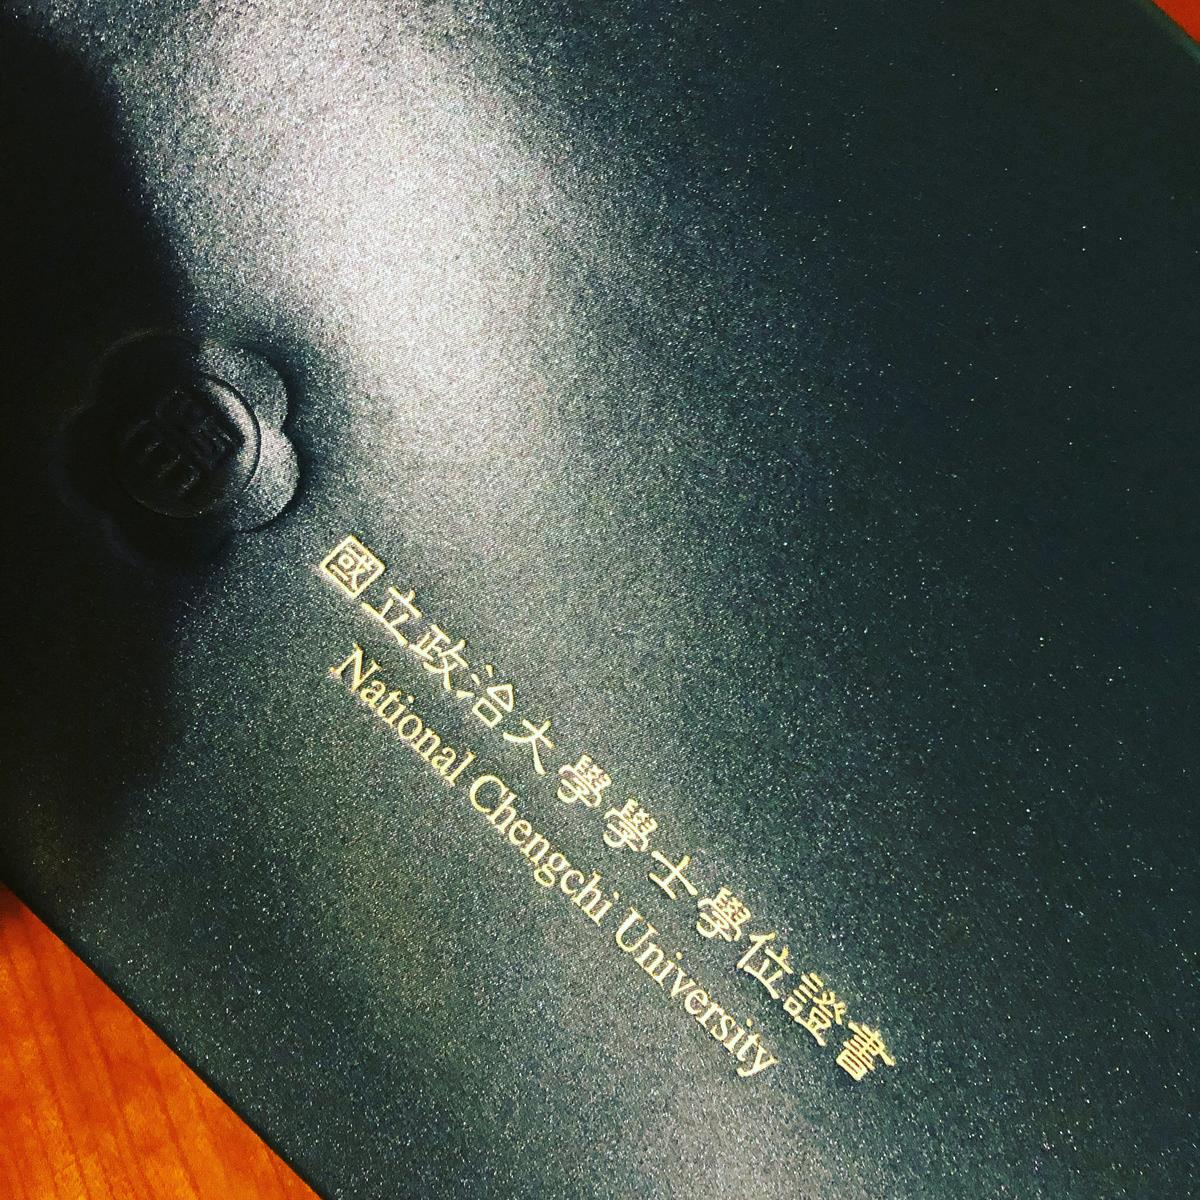 f:id:Hsiao-Jen:20200807204617j:plain